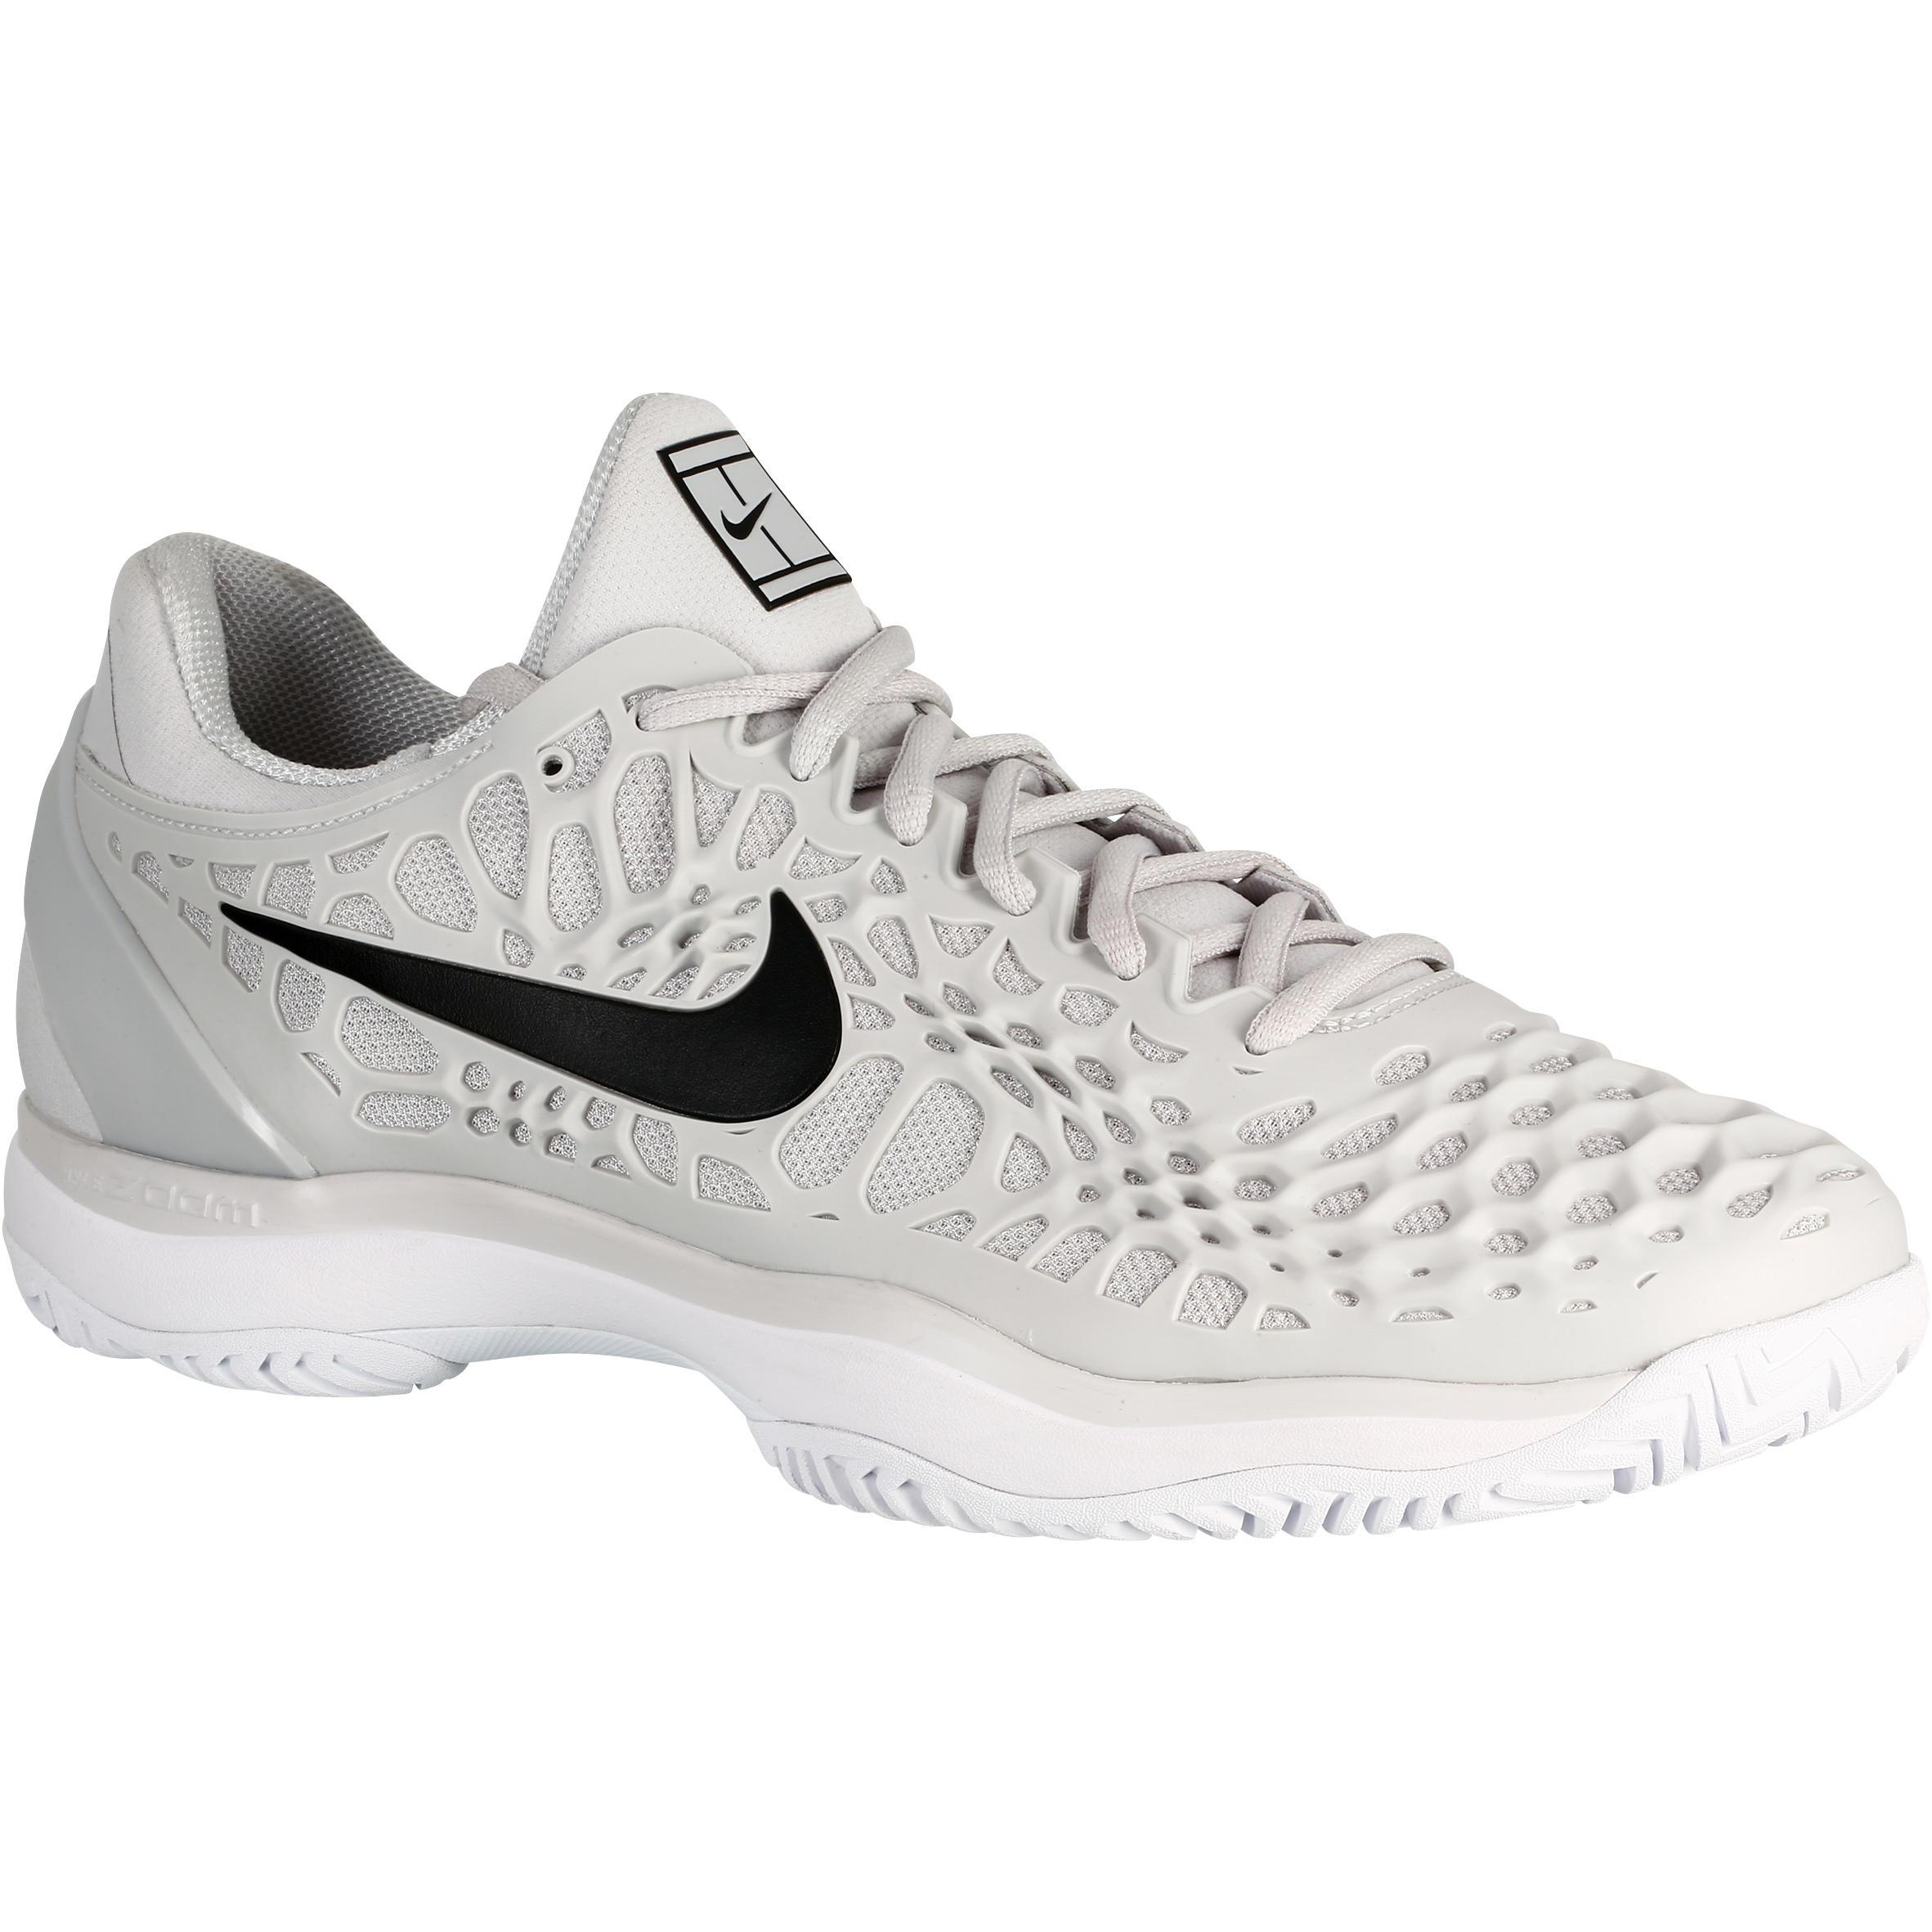 Nike Tennisschoenen voor heren Zoom Cage 3 grijs